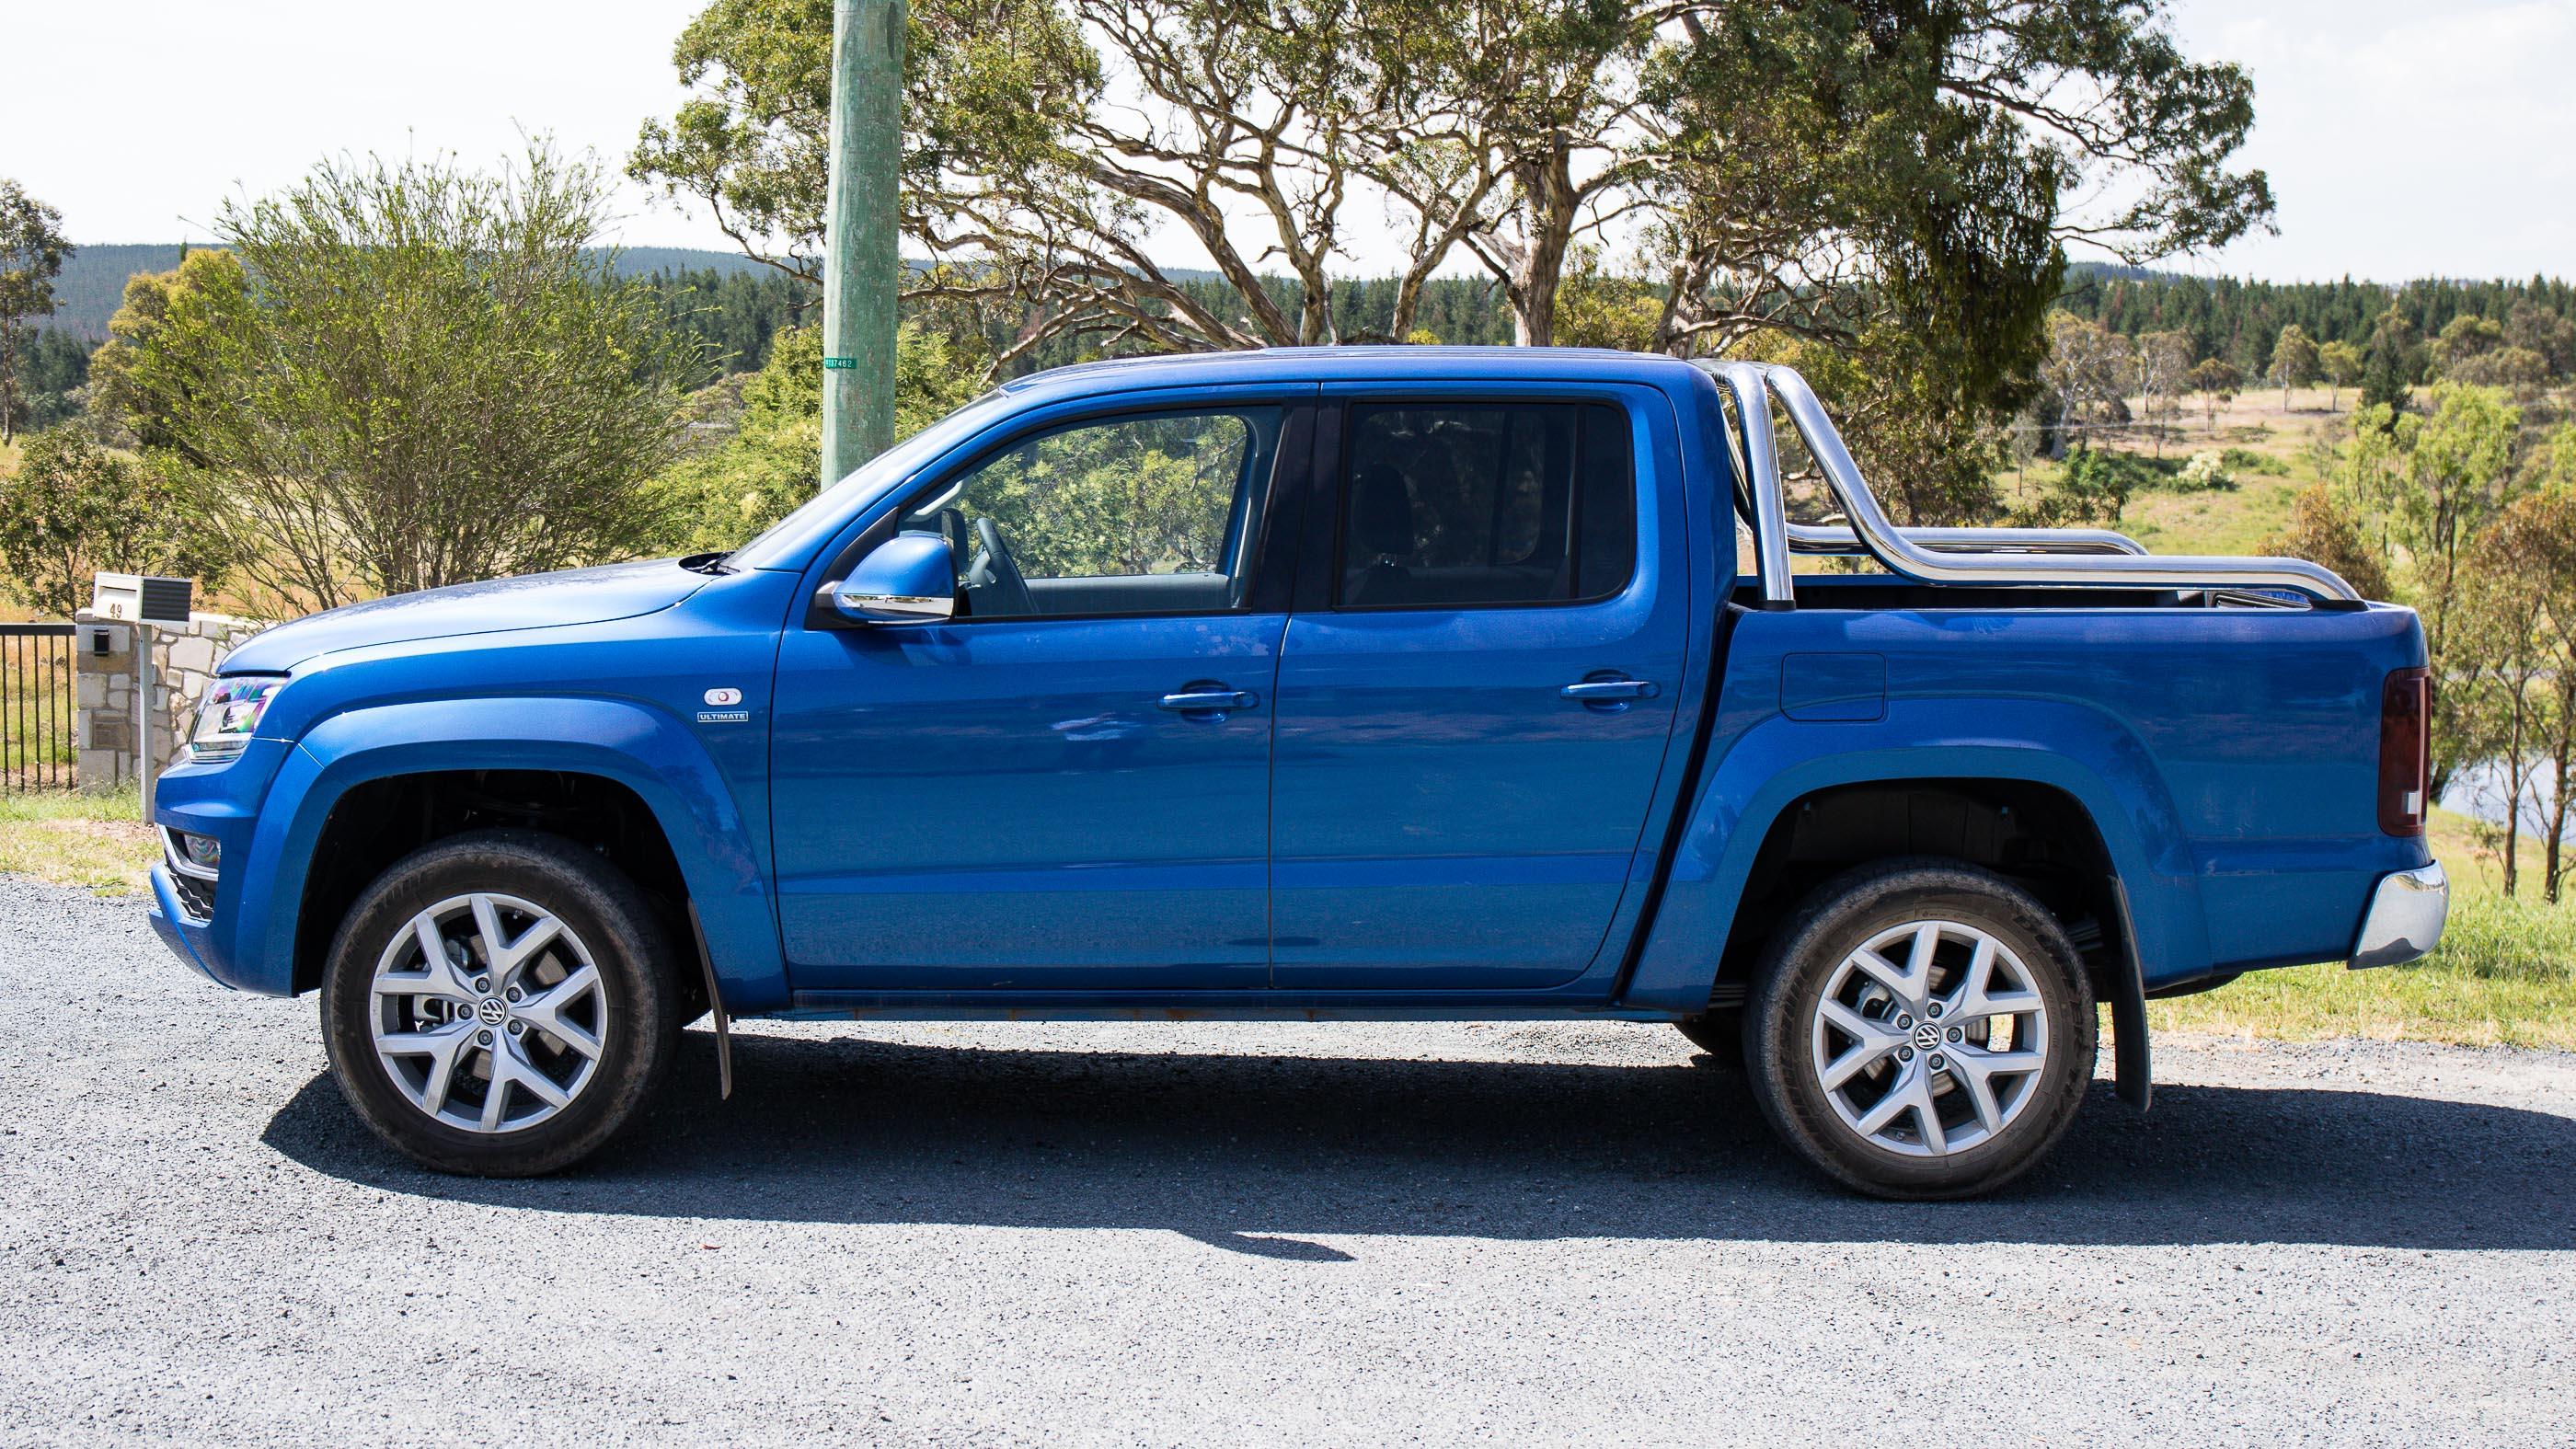 Volkswagen Amarok photo 171740